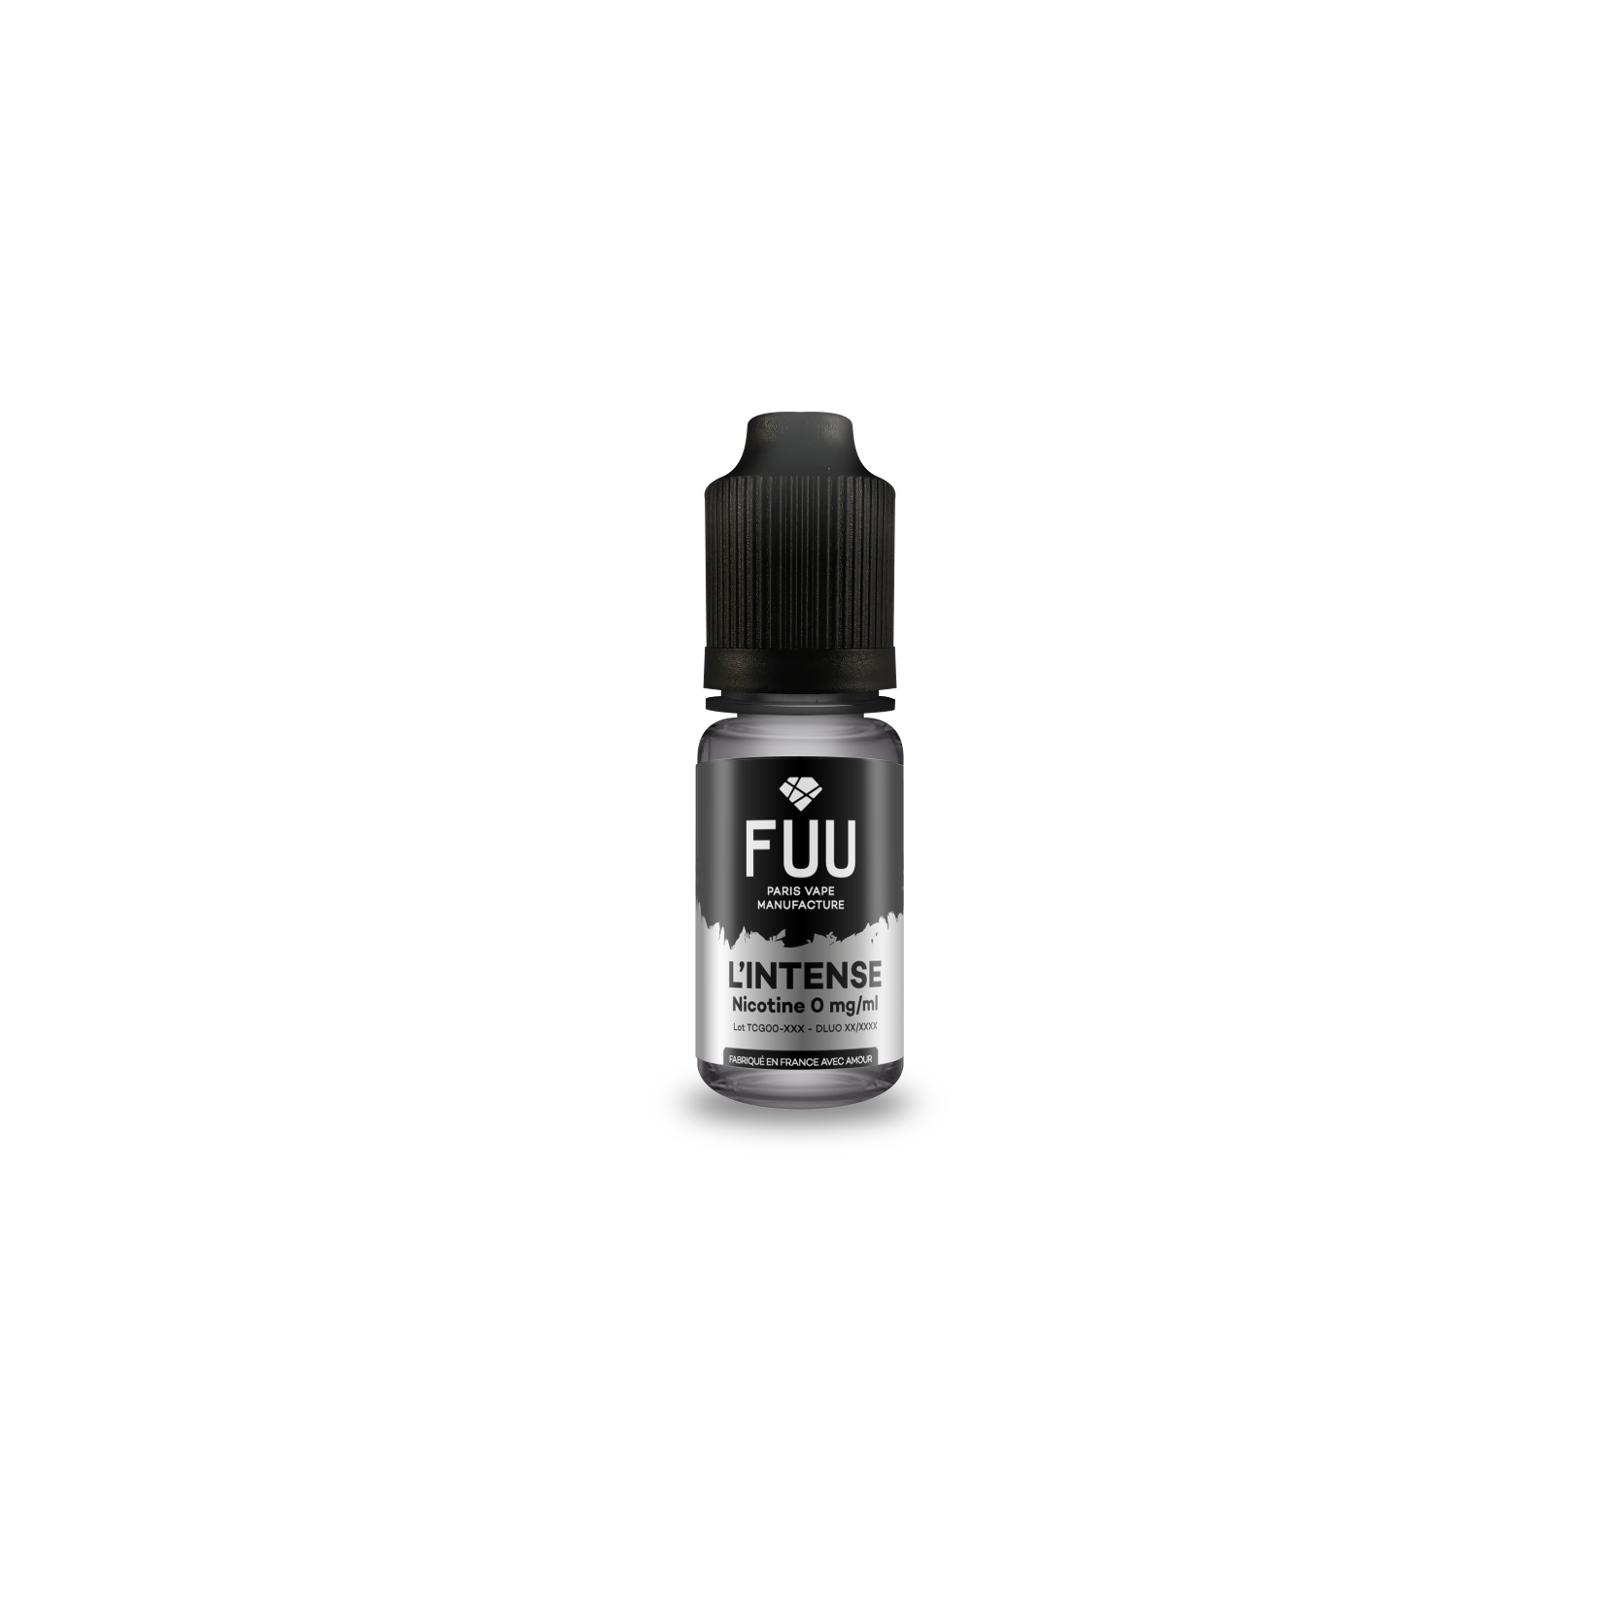 L'Intense - The Fuu